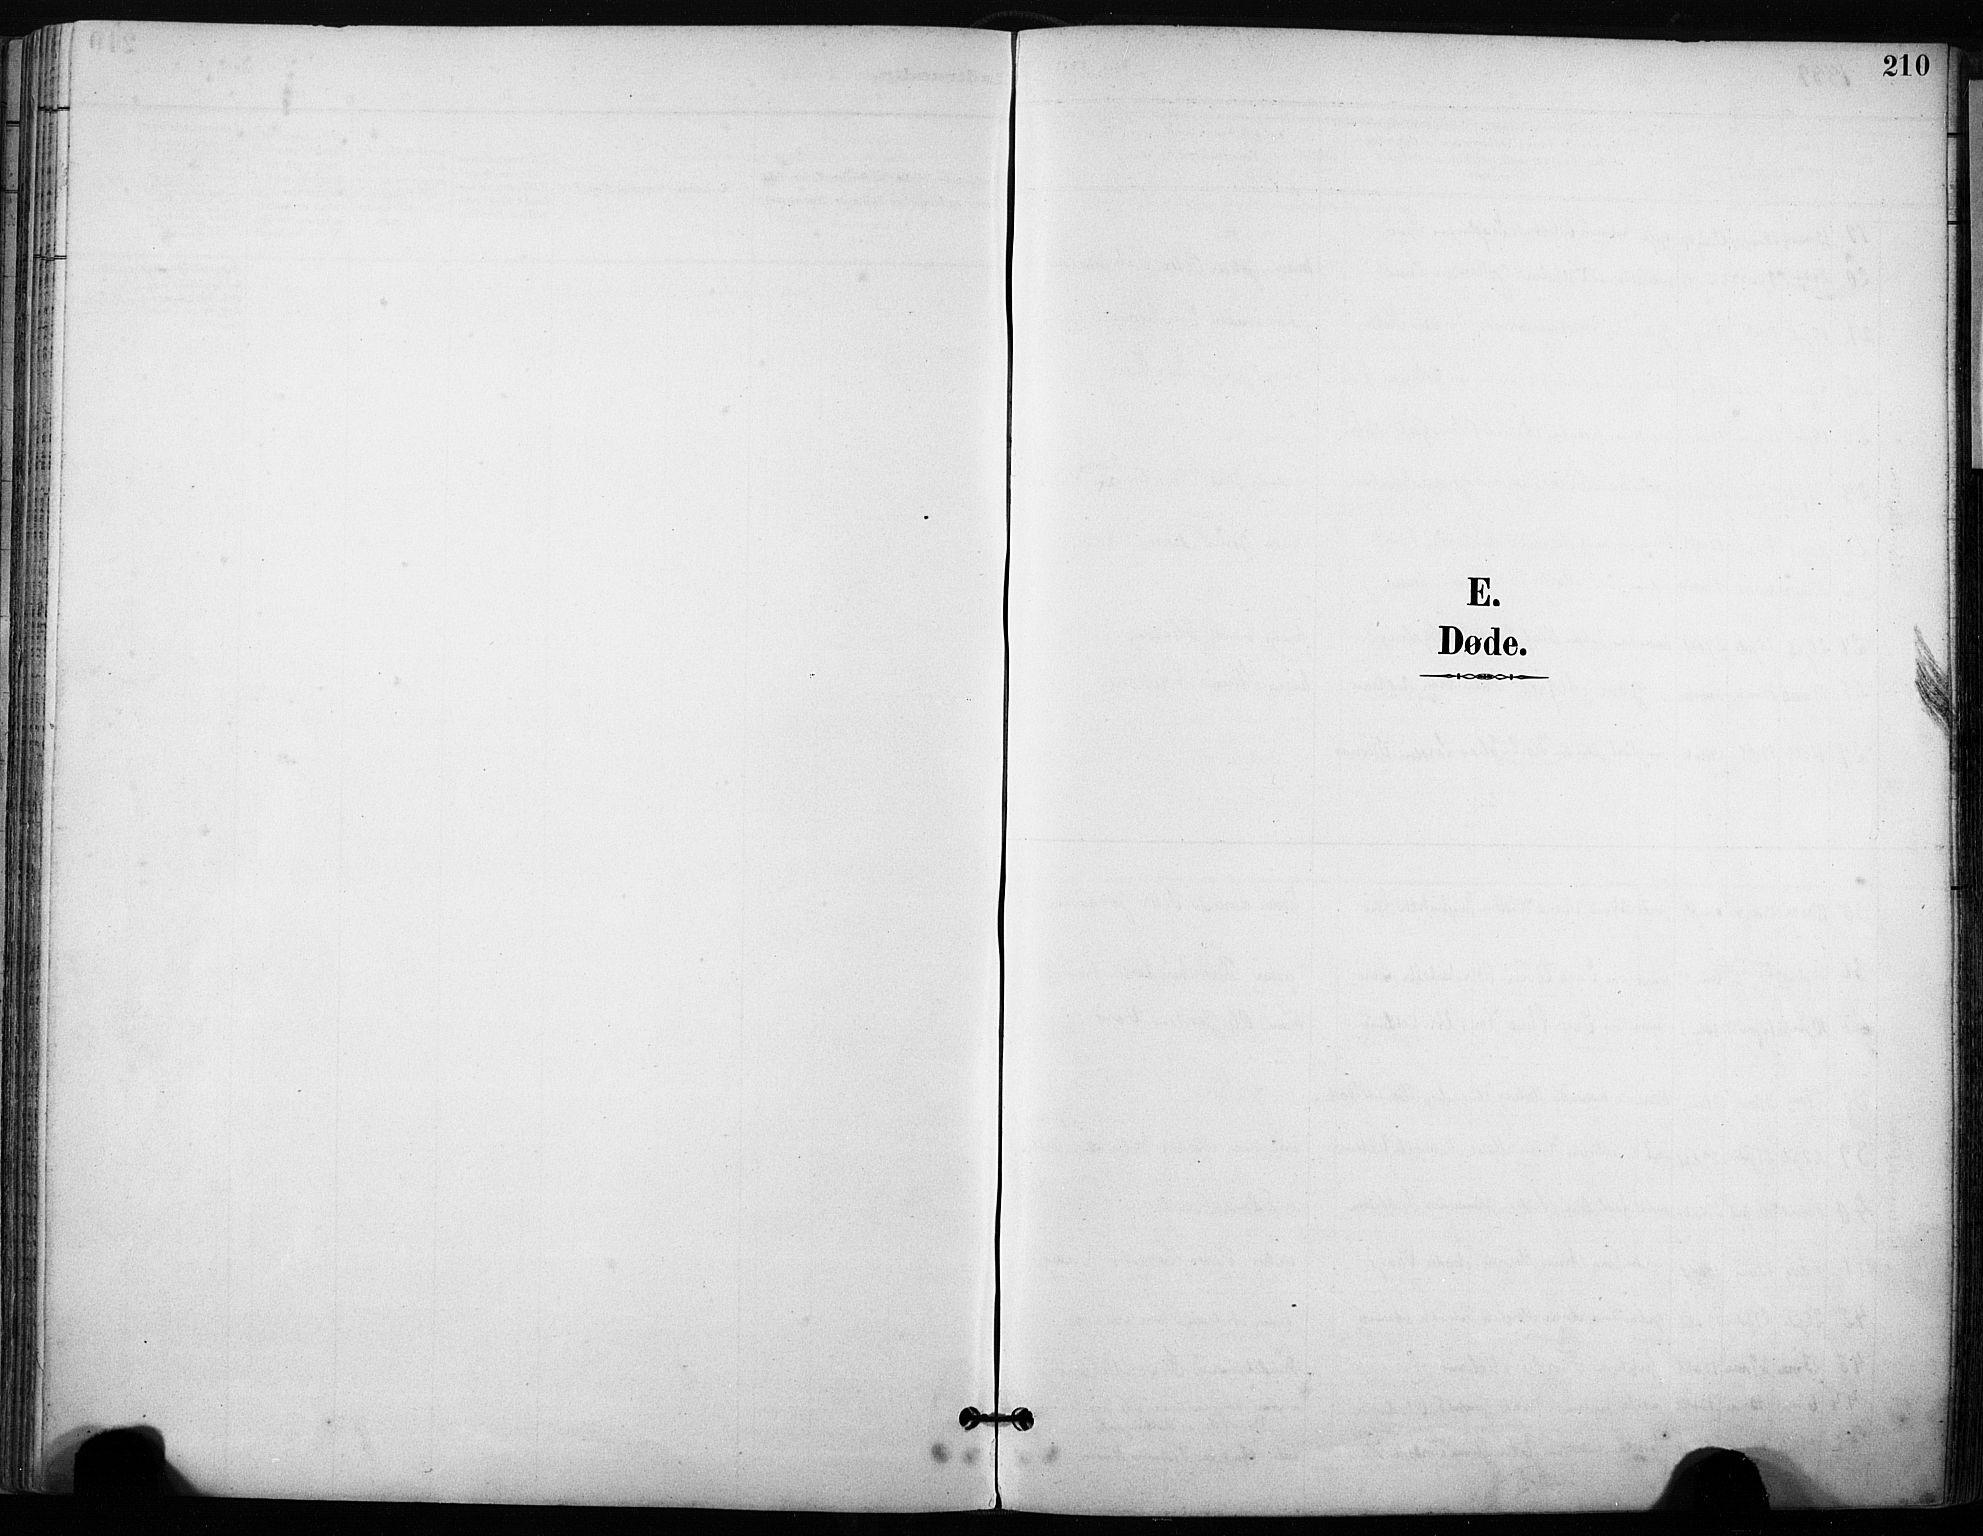 SAT, Ministerialprotokoller, klokkerbøker og fødselsregistre - Sør-Trøndelag, 640/L0579: Ministerialbok nr. 640A04, 1889-1902, s. 210